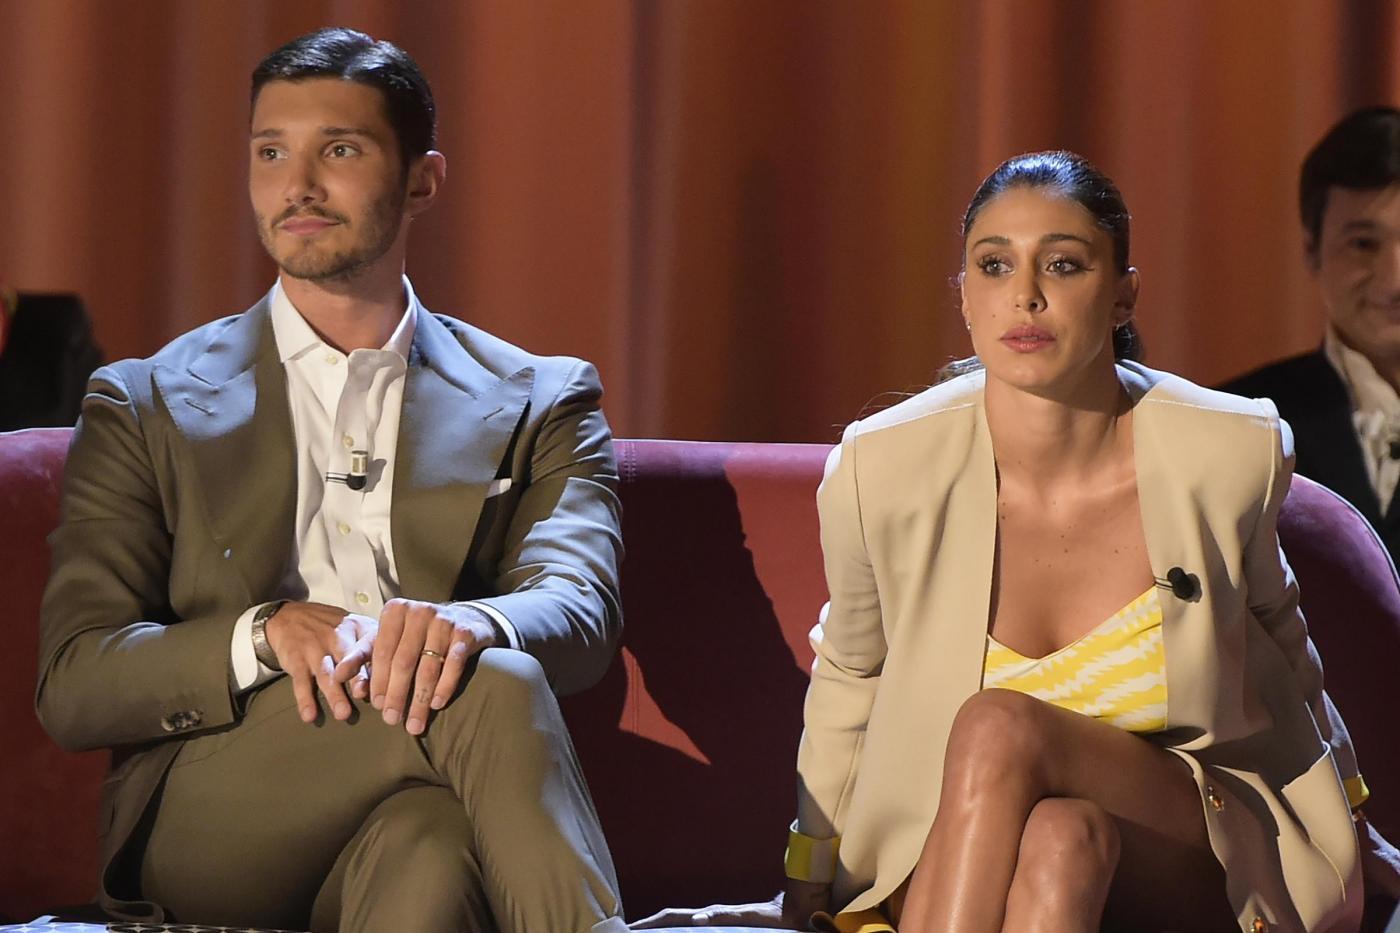 Belén e Stefano De Martino in crisi? Il ballerino ritorna a Napoli